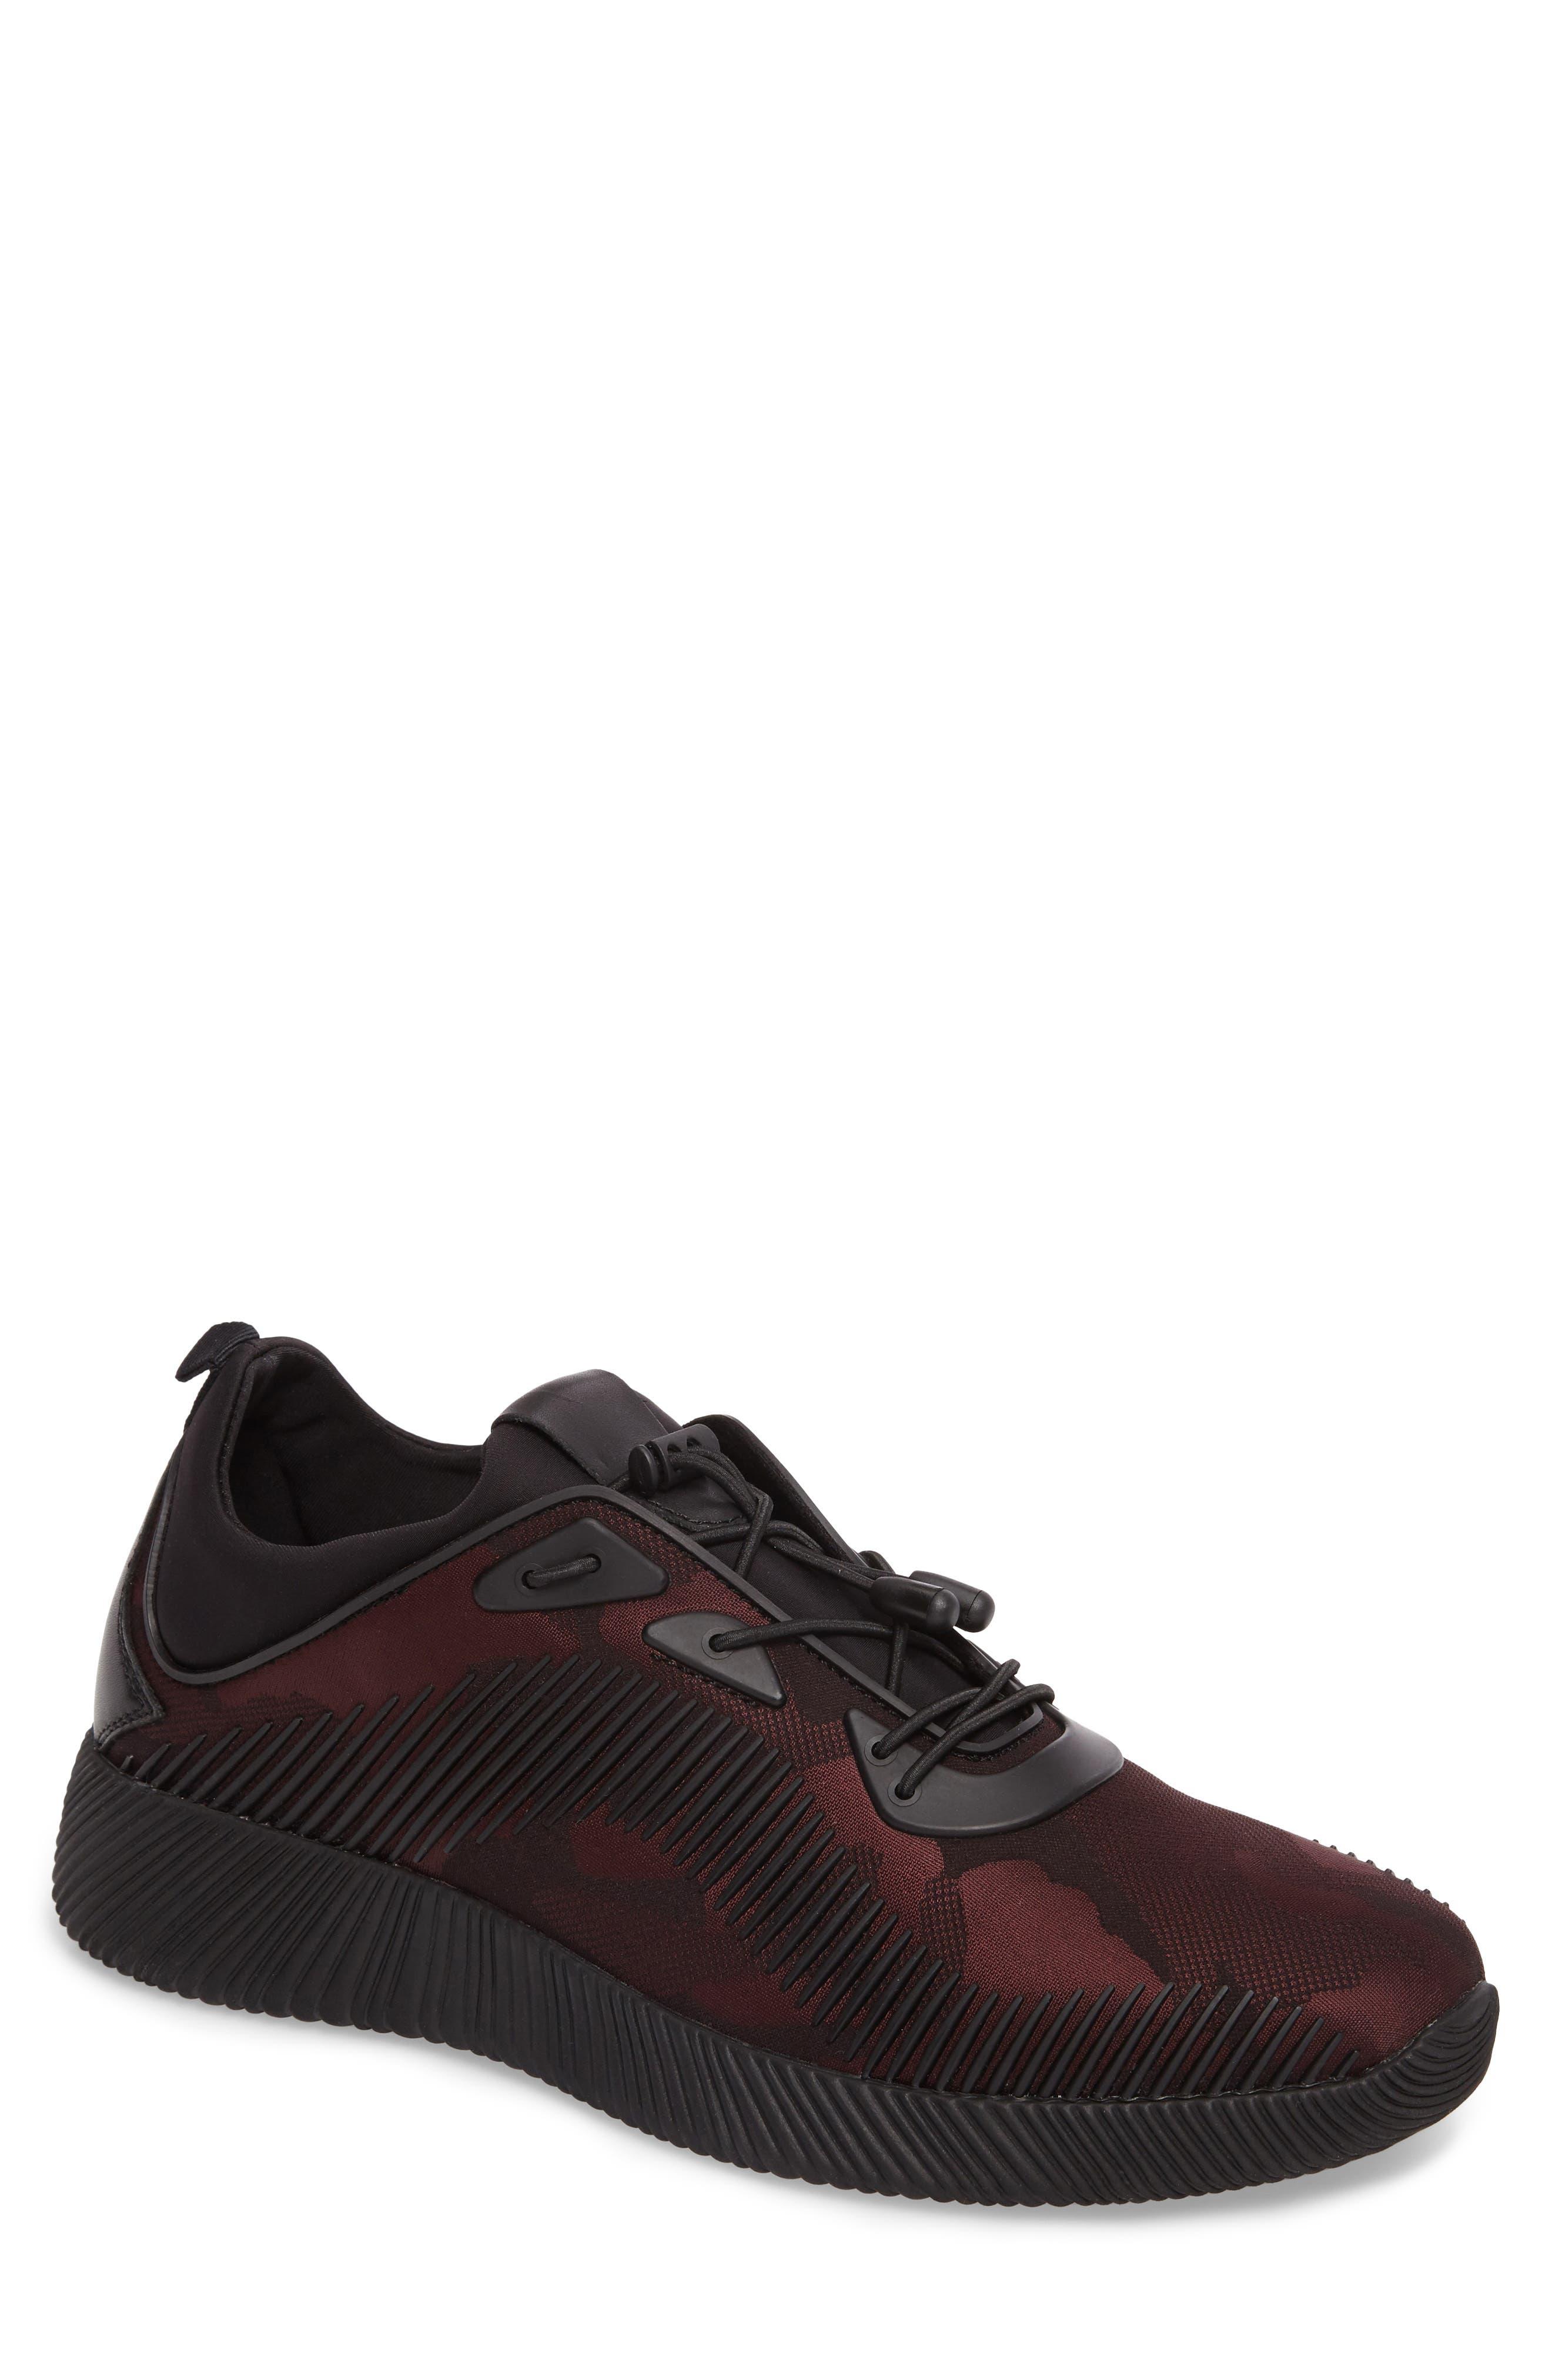 Sinch Sneaker,                         Main,                         color, Bordeaux Fabric